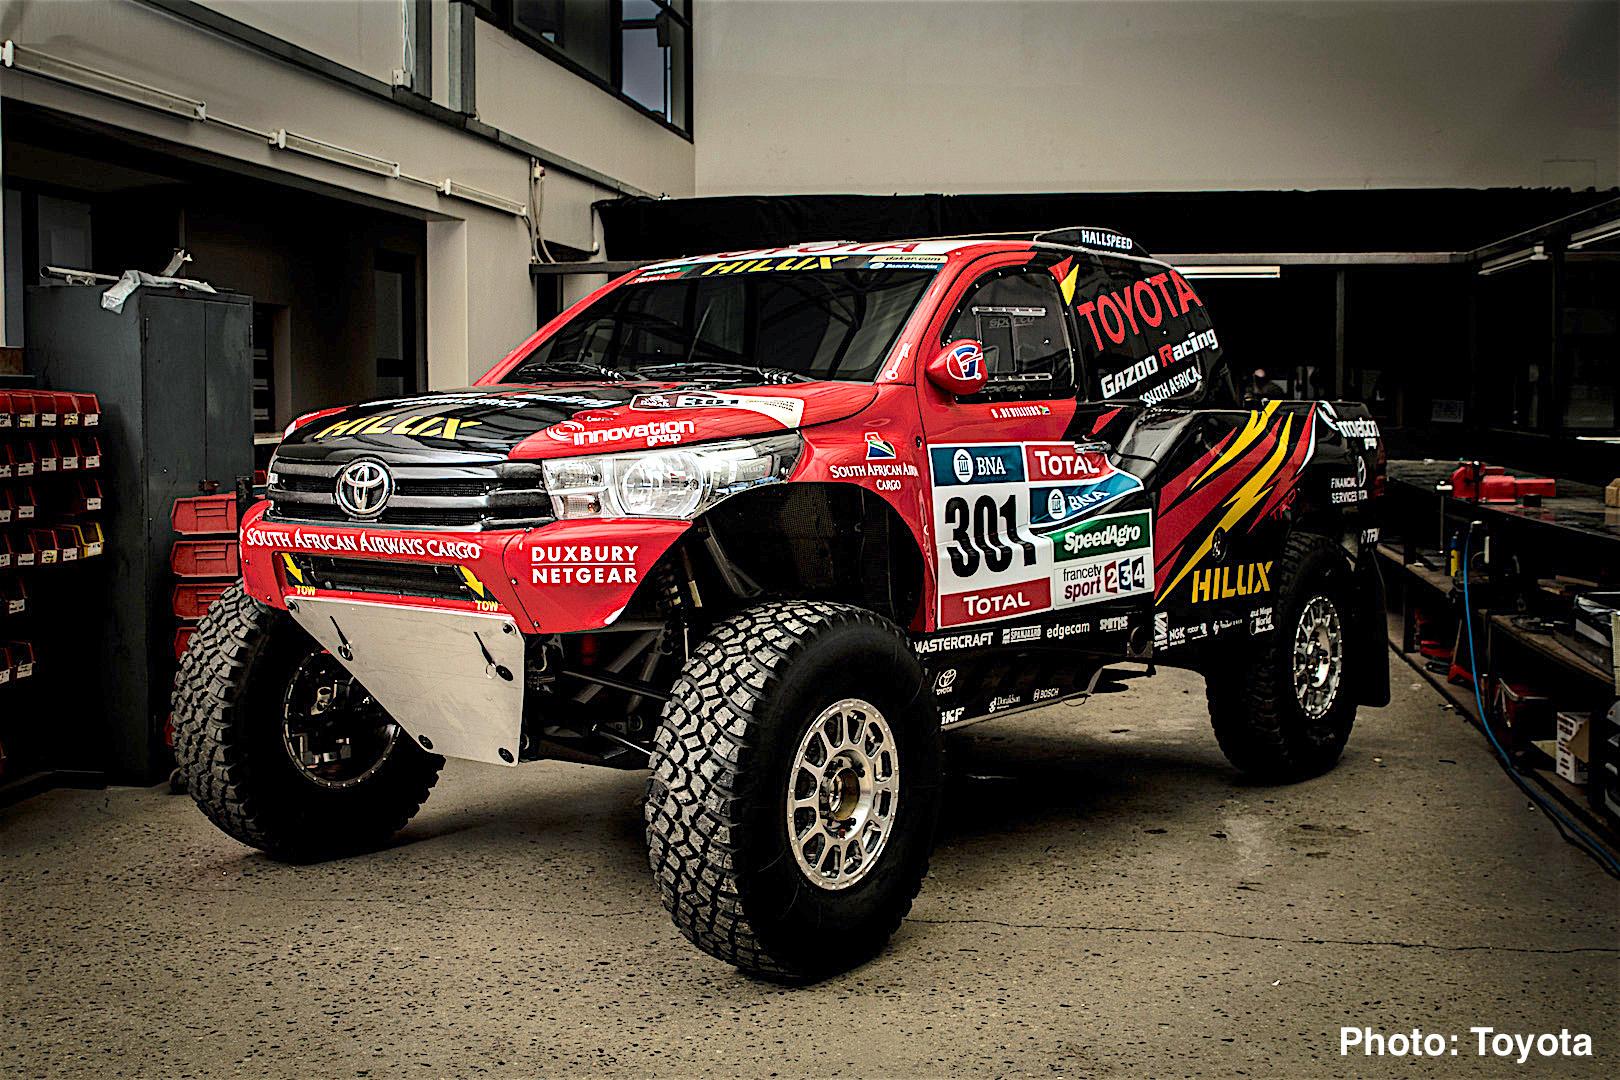 Toyota Hilux Evo Mid Engine V8 Truck Revealed 2017 Dakar